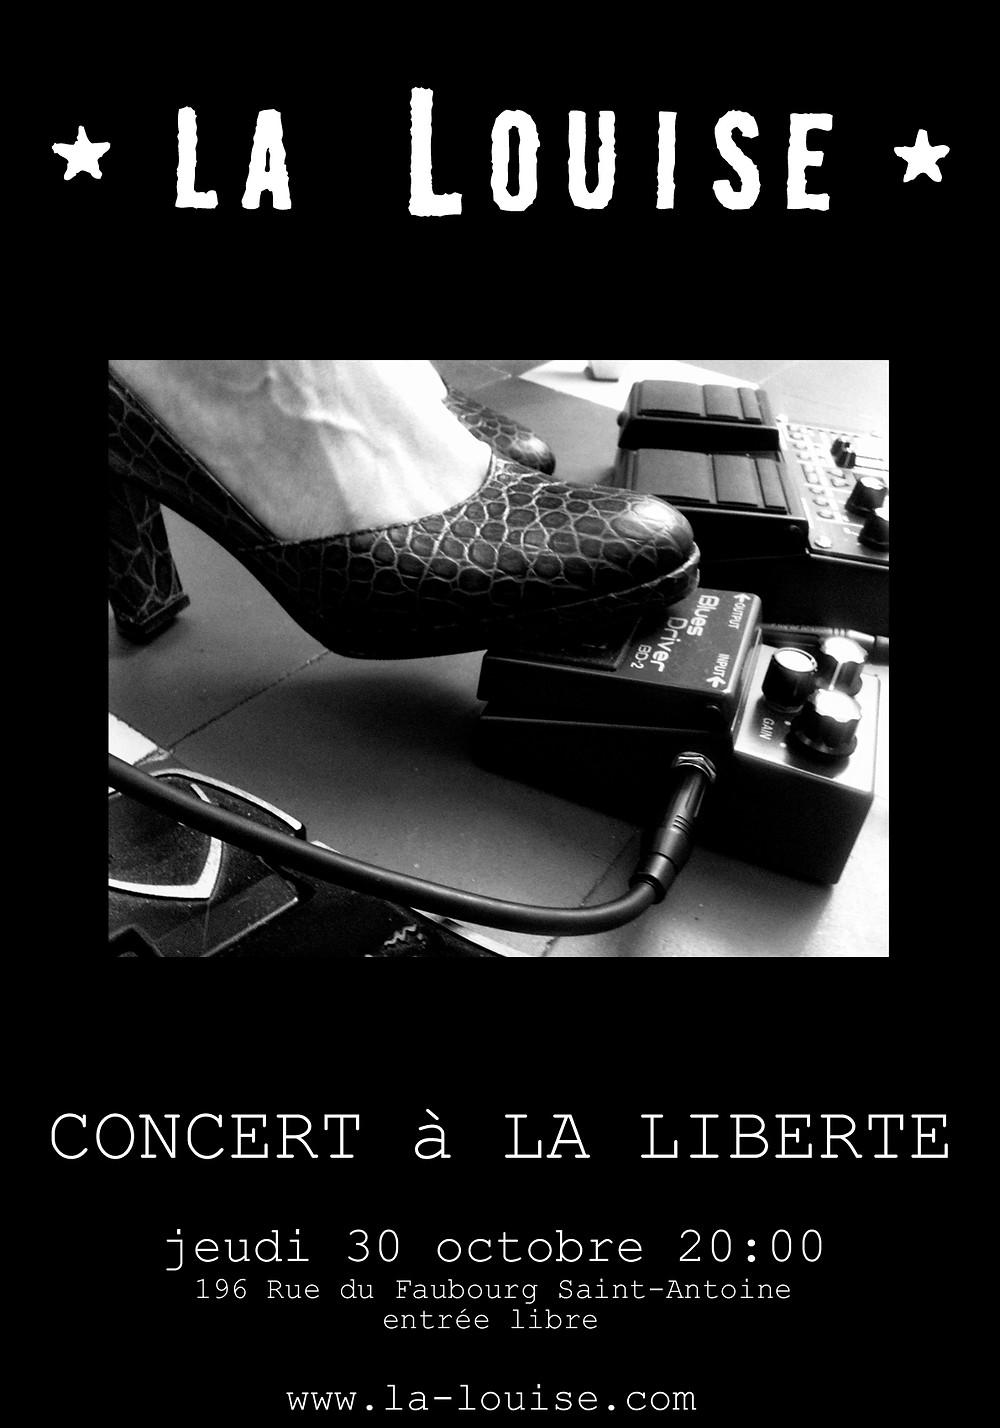 La_Louise_en_concert_à_La_Lib.jpg